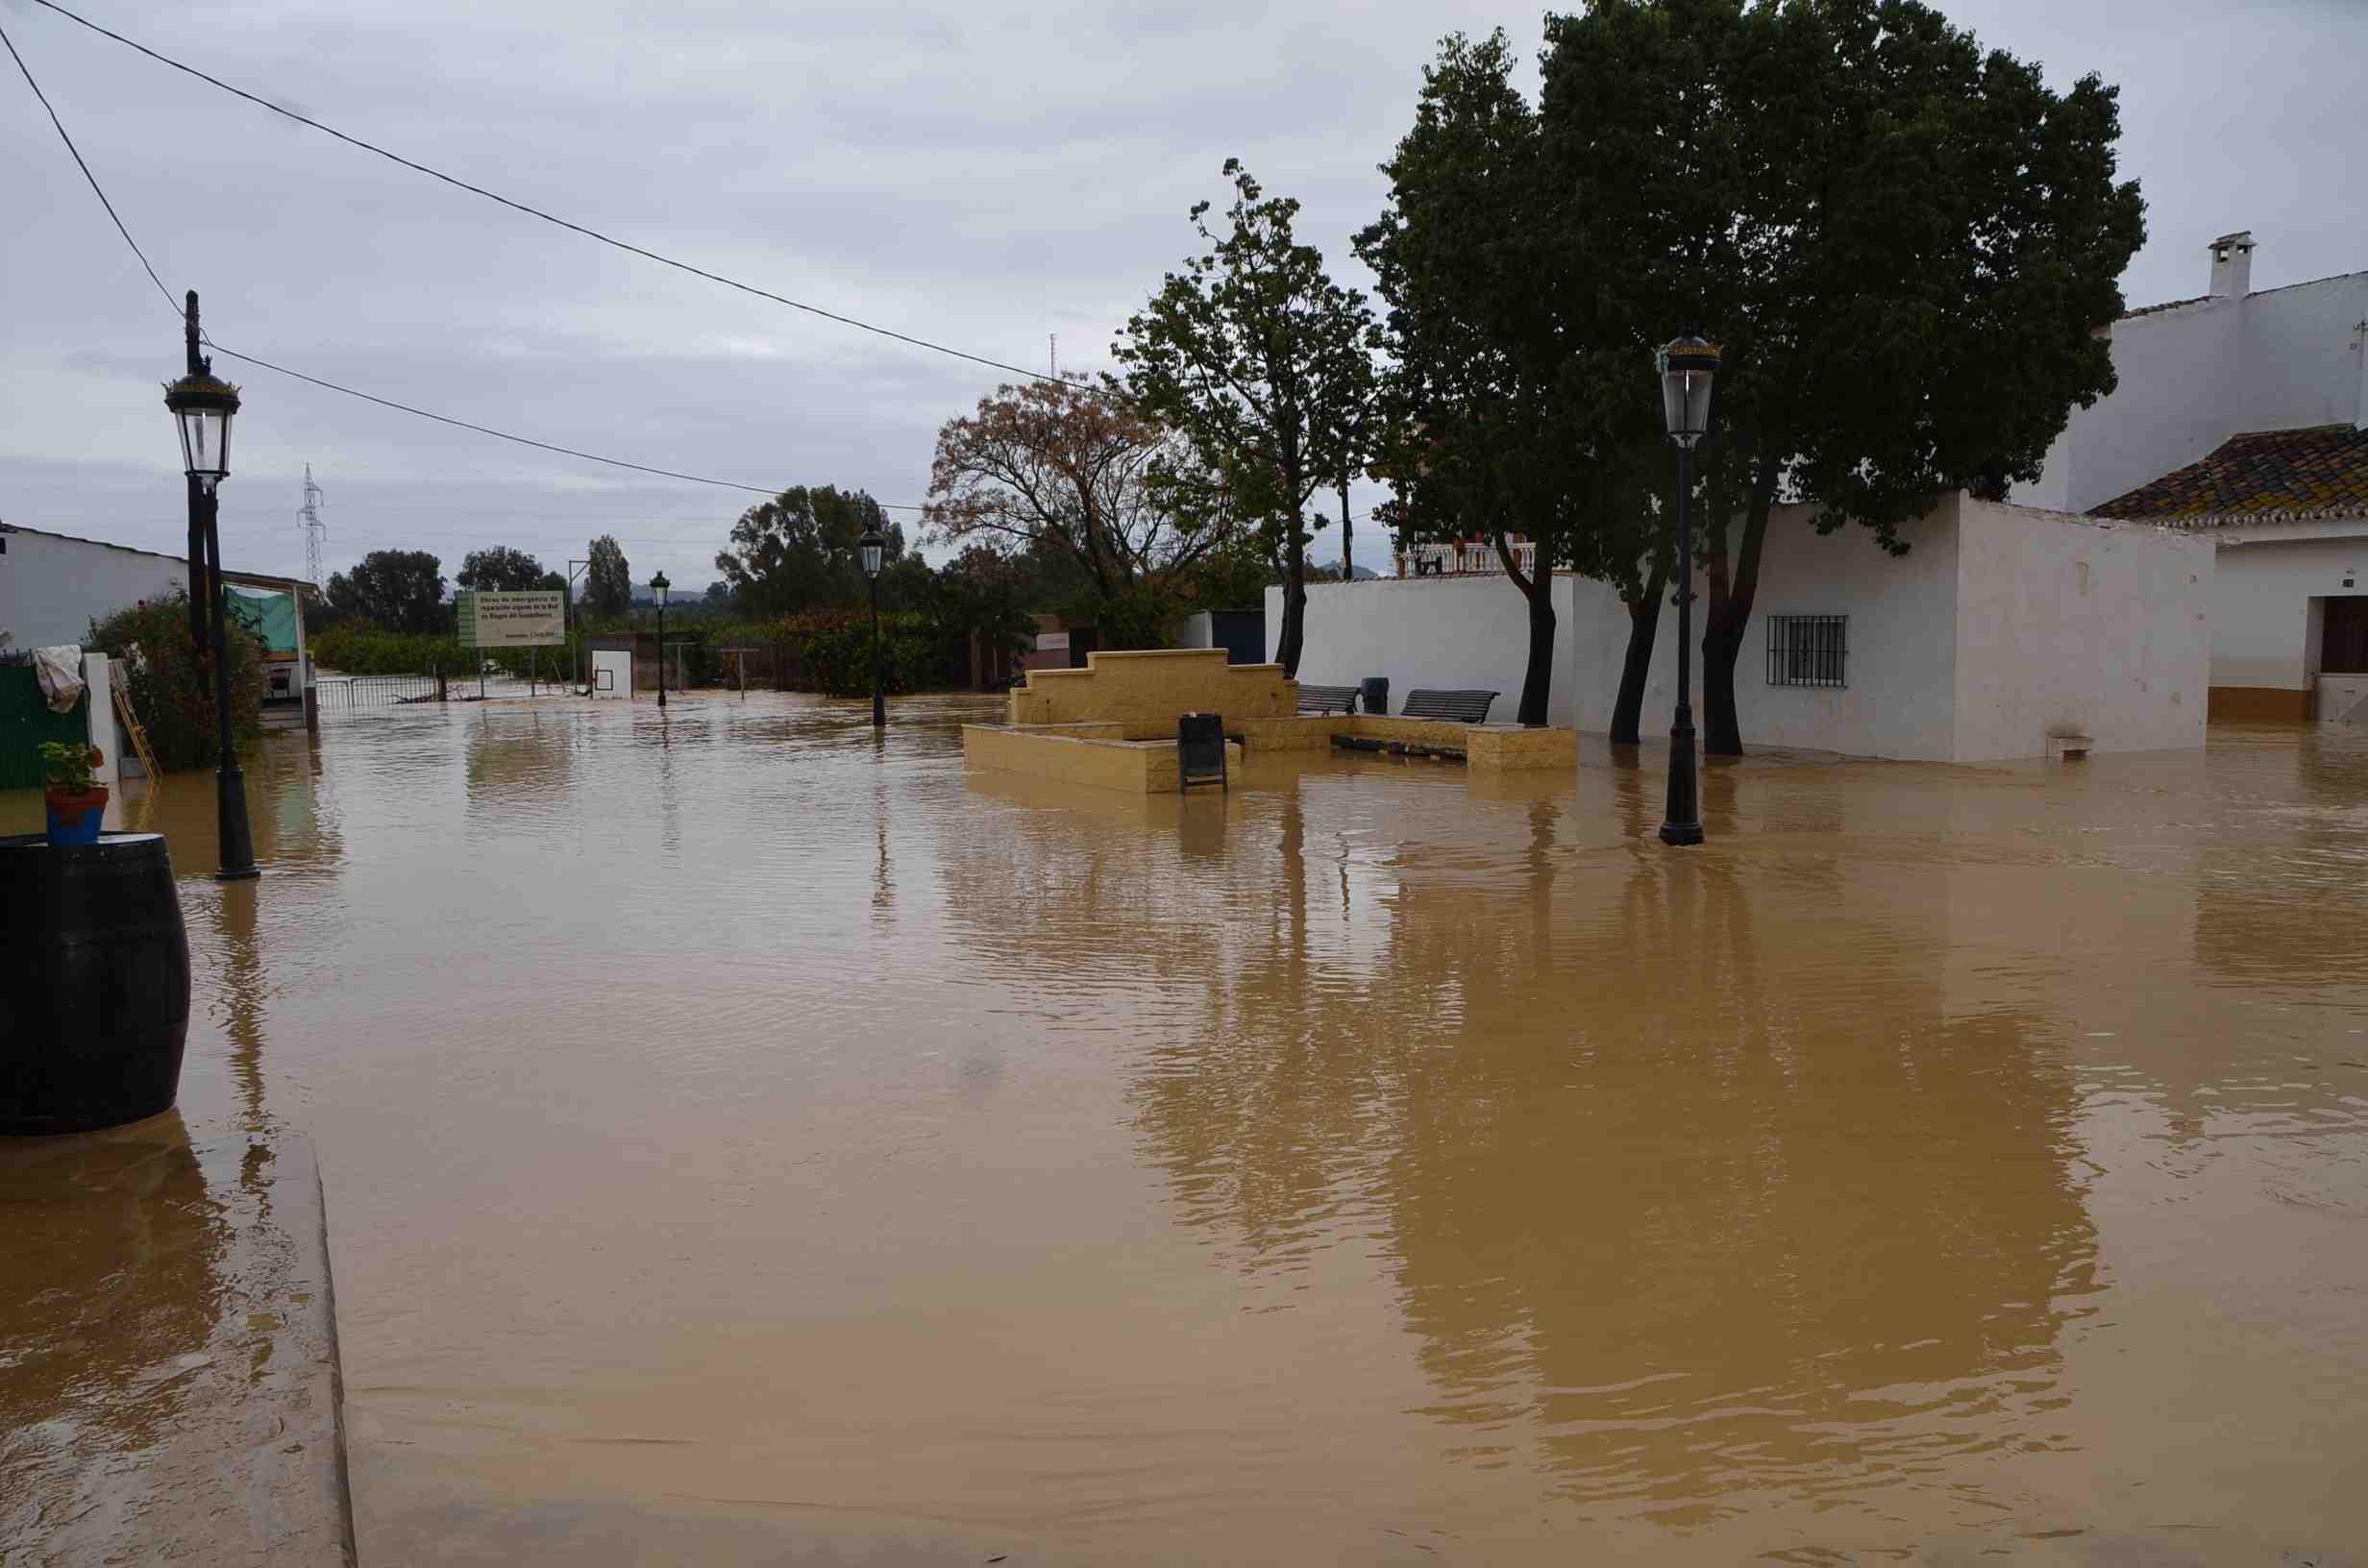 Las intensas lluvias causan el desbordamiento del río Guadalhorce y numerosos daños en Cártama